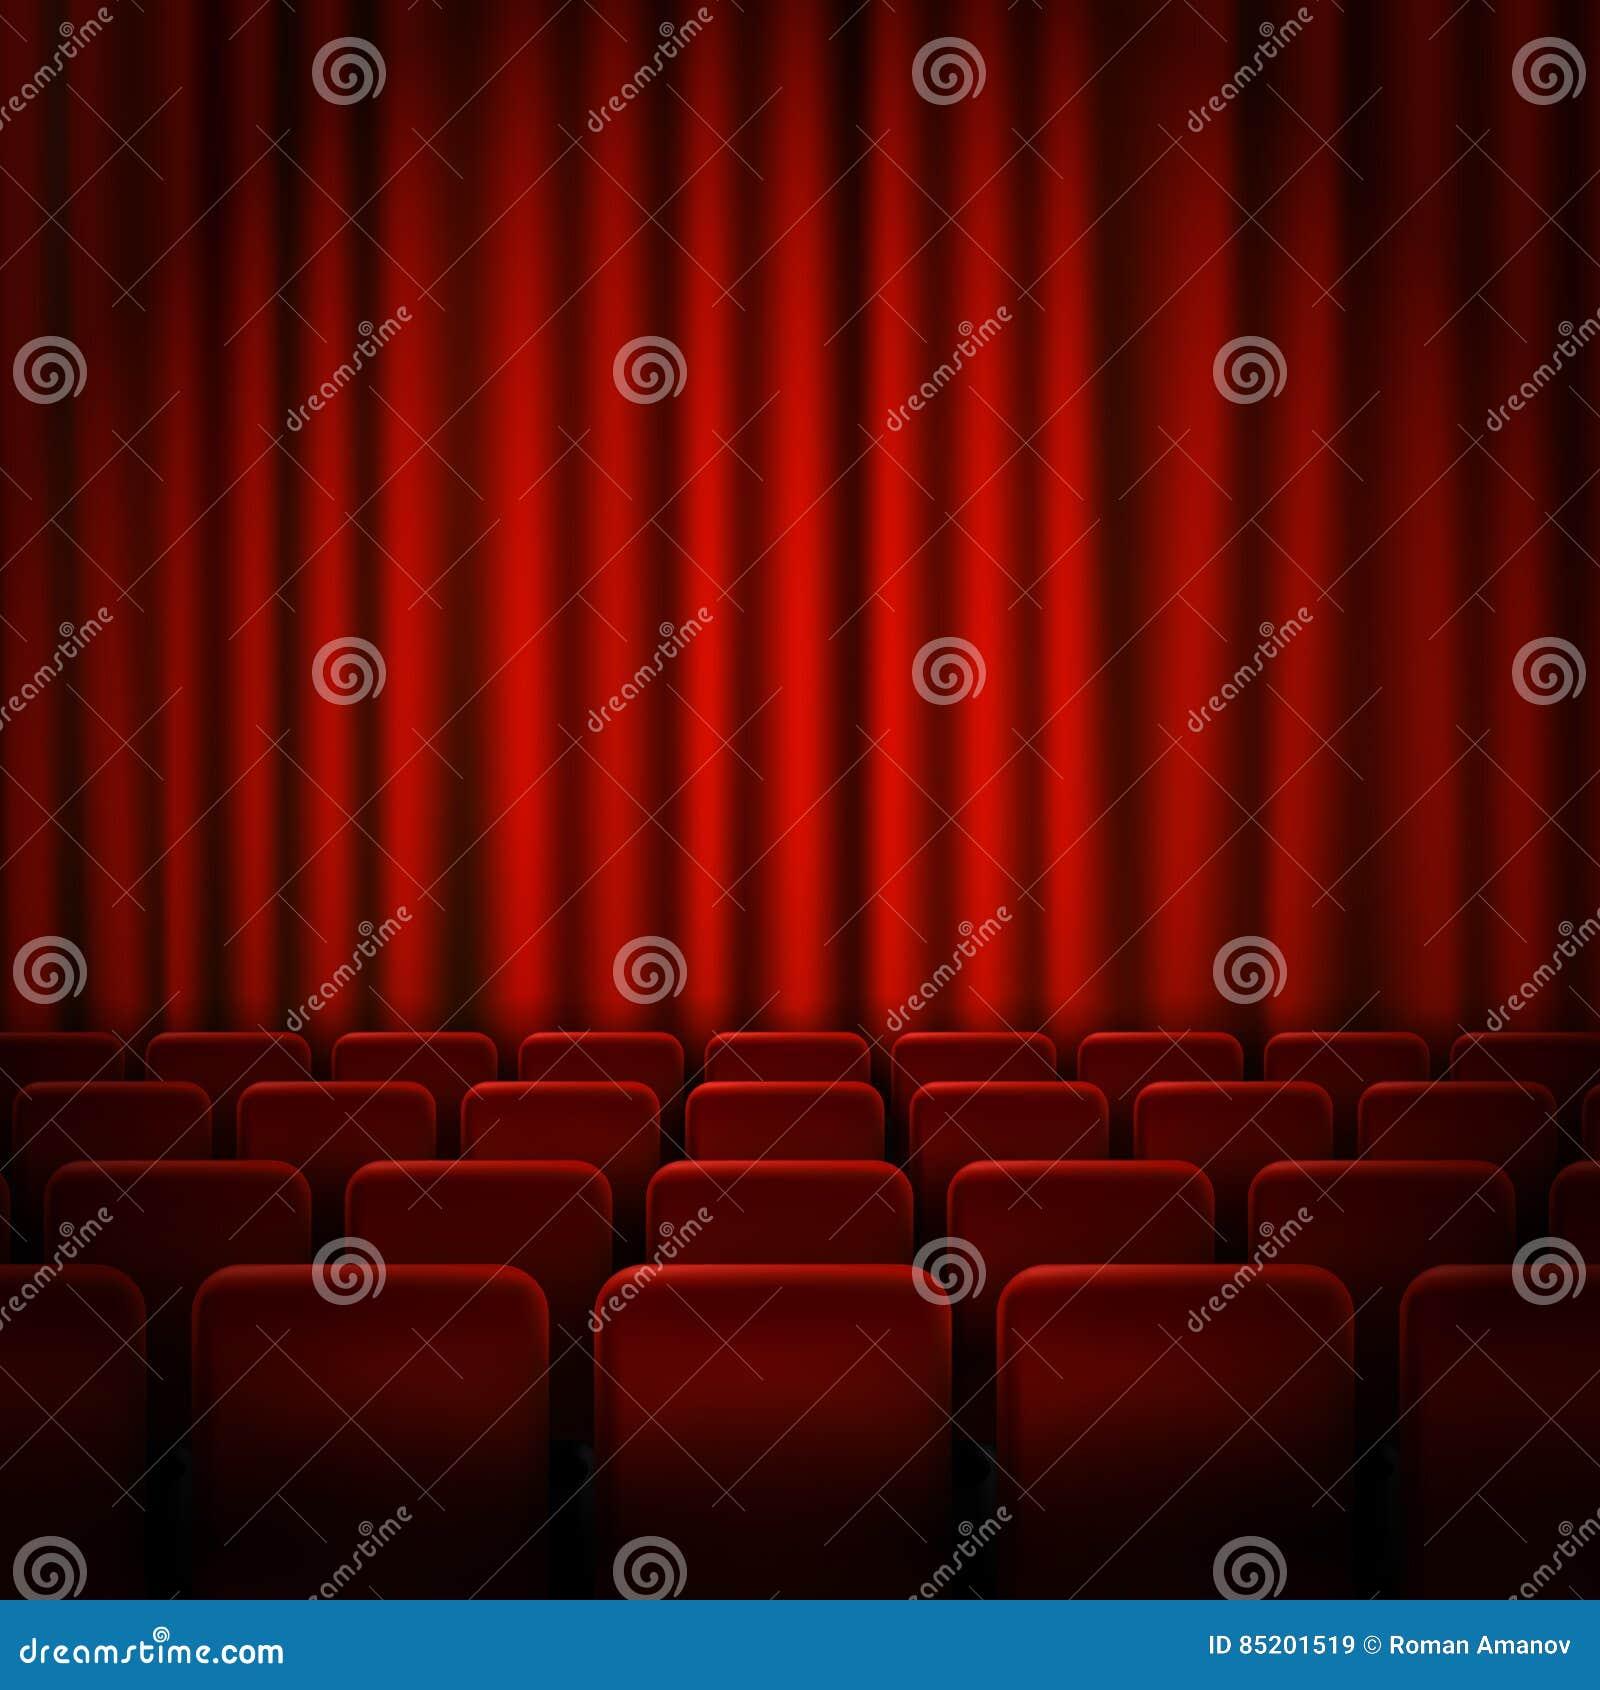 Design för affisch för filmbiopremiär med röda gardiner i lager vektor för baner eps10 mapp